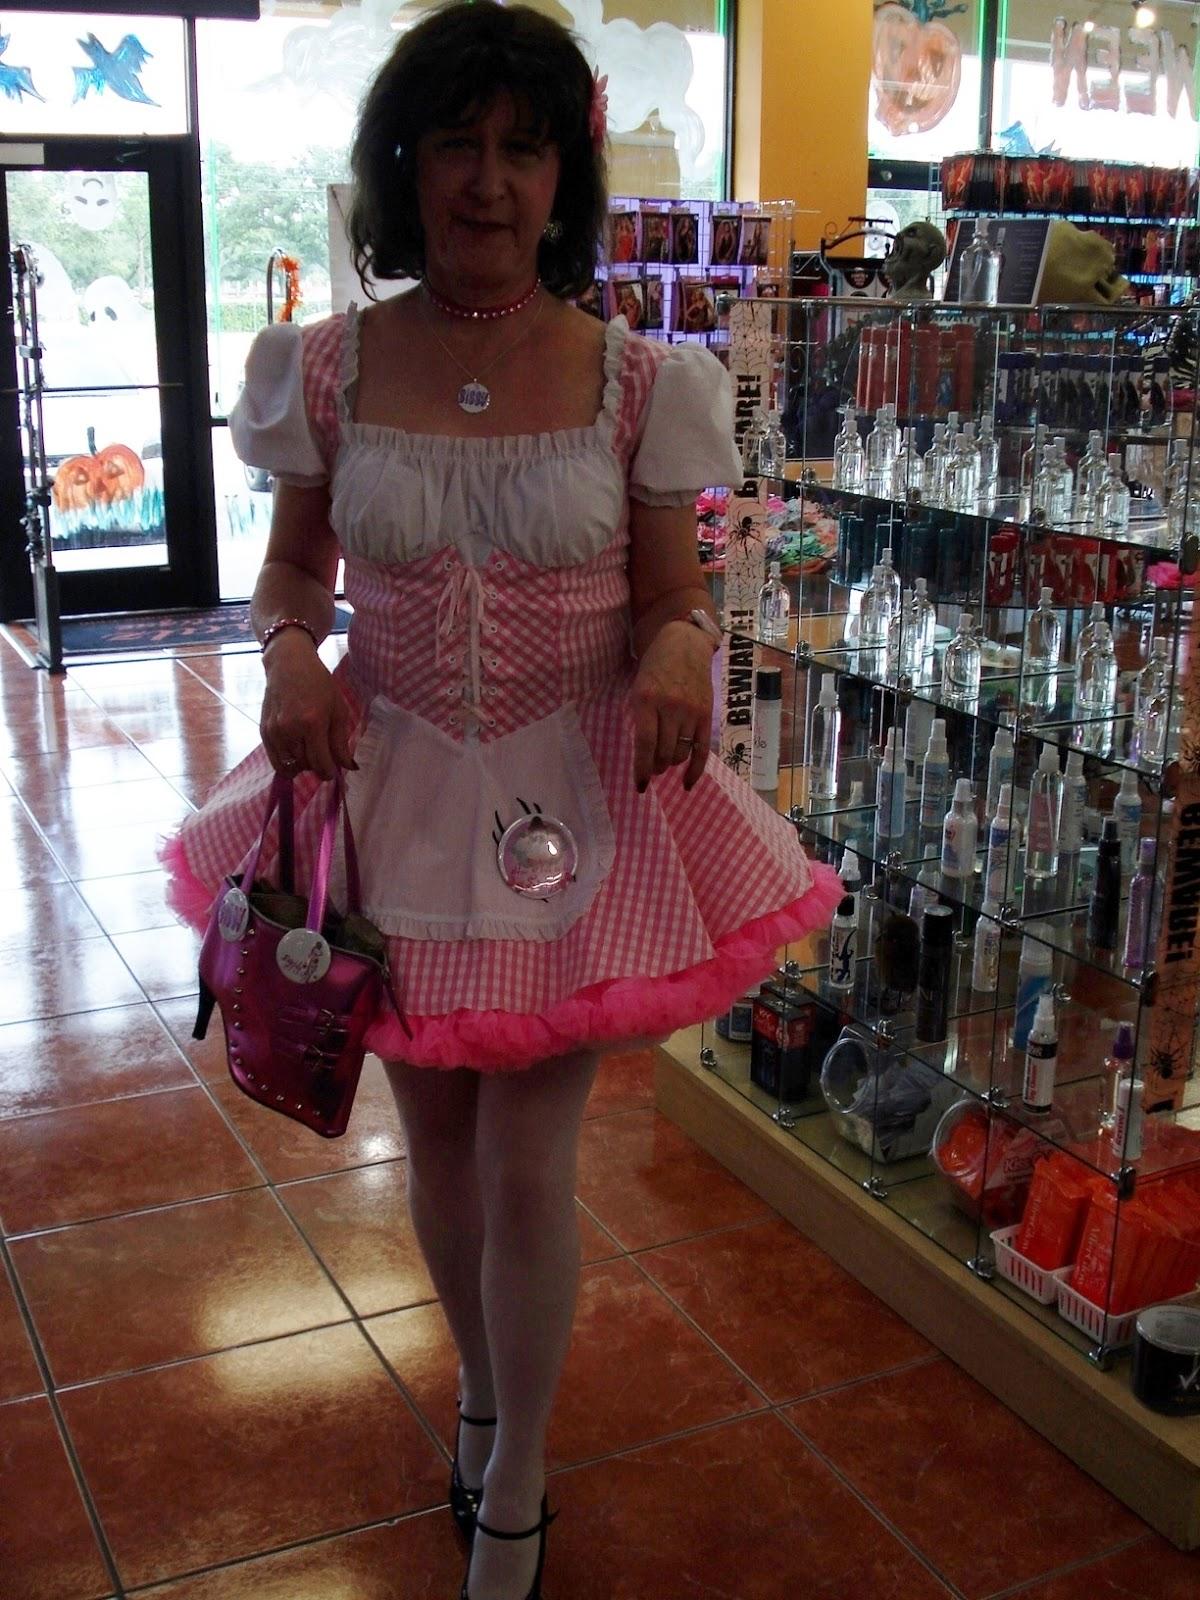 Porn shops in dallas